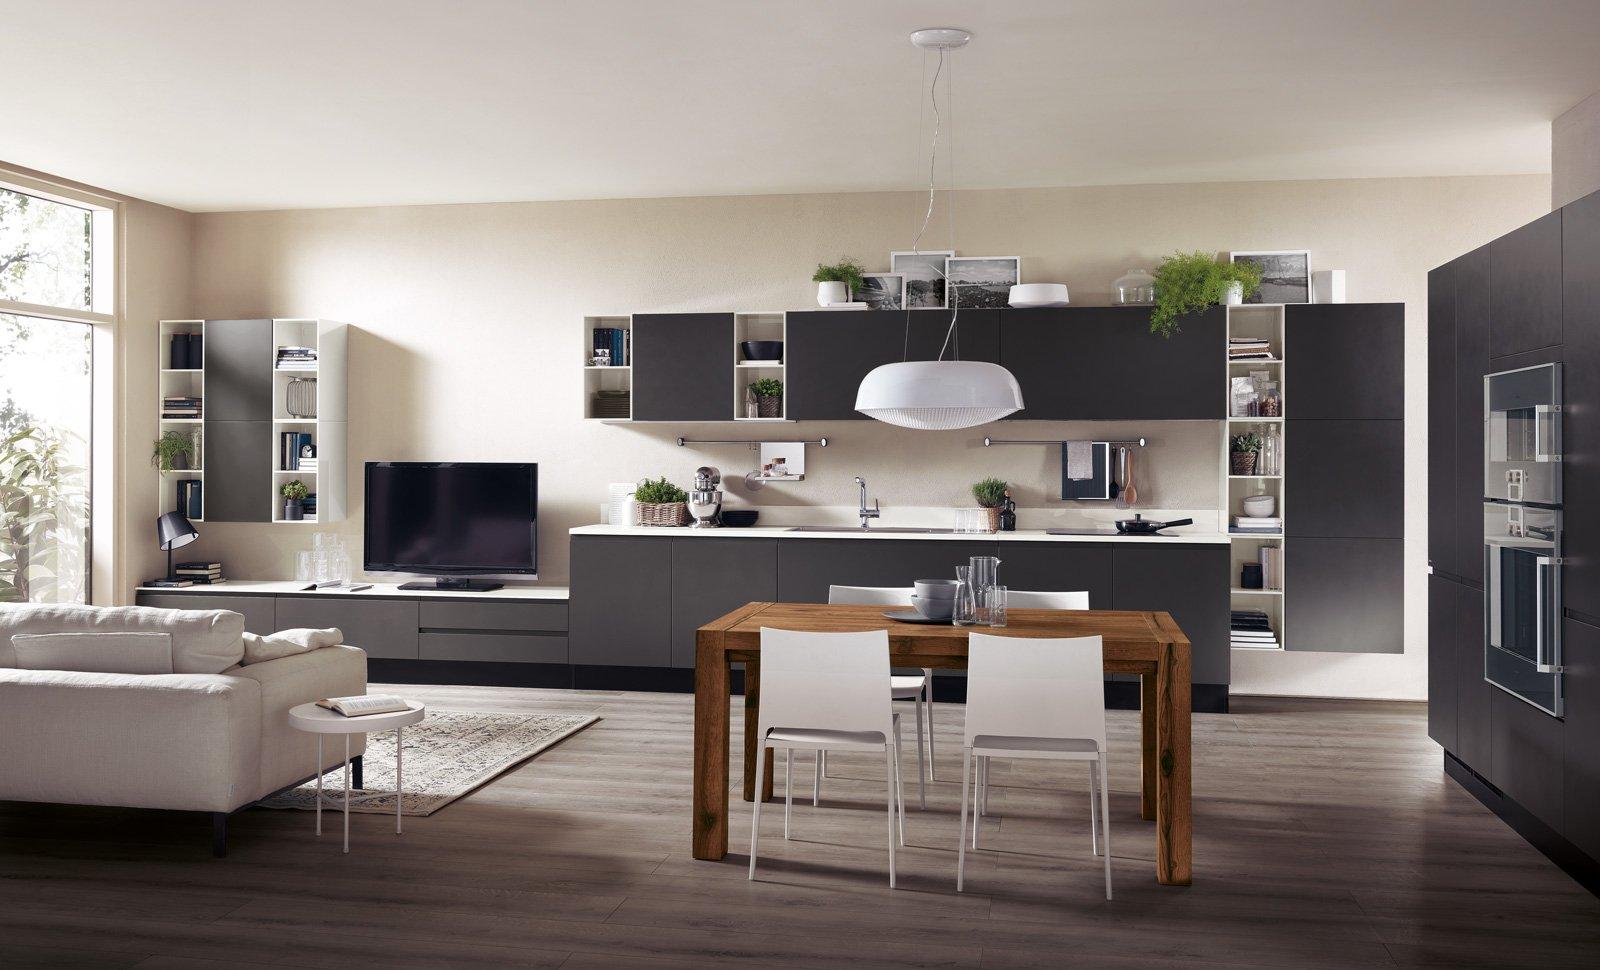 Cucine a vista per il loft nel soggiorno open space for Soggiorno living